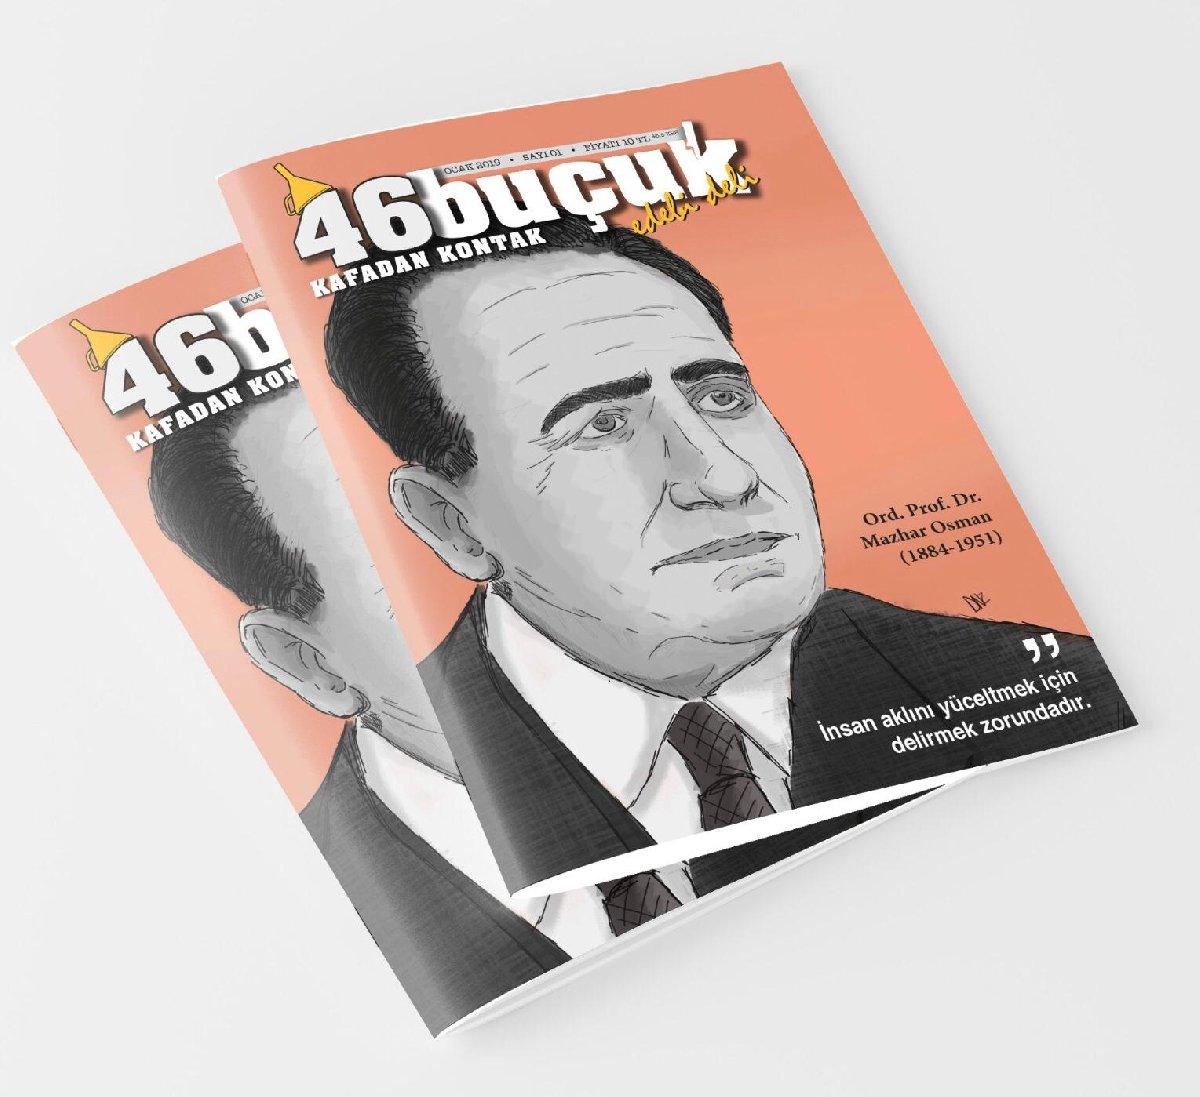 '46 Buçuk, Kafadan Kontak' adli sanat-edebiyat dergisi yayın hayatına selam dedi